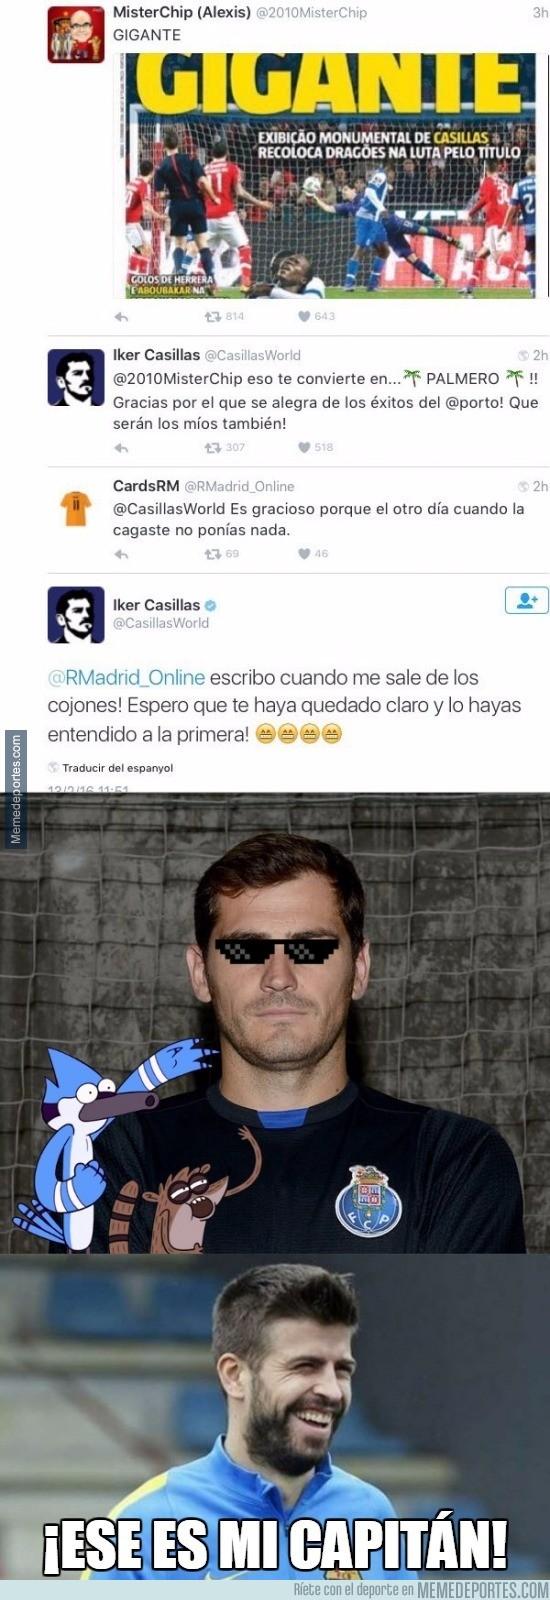 801531 - Casillas está desatado en Twitter. Atención a sus últimos tuits